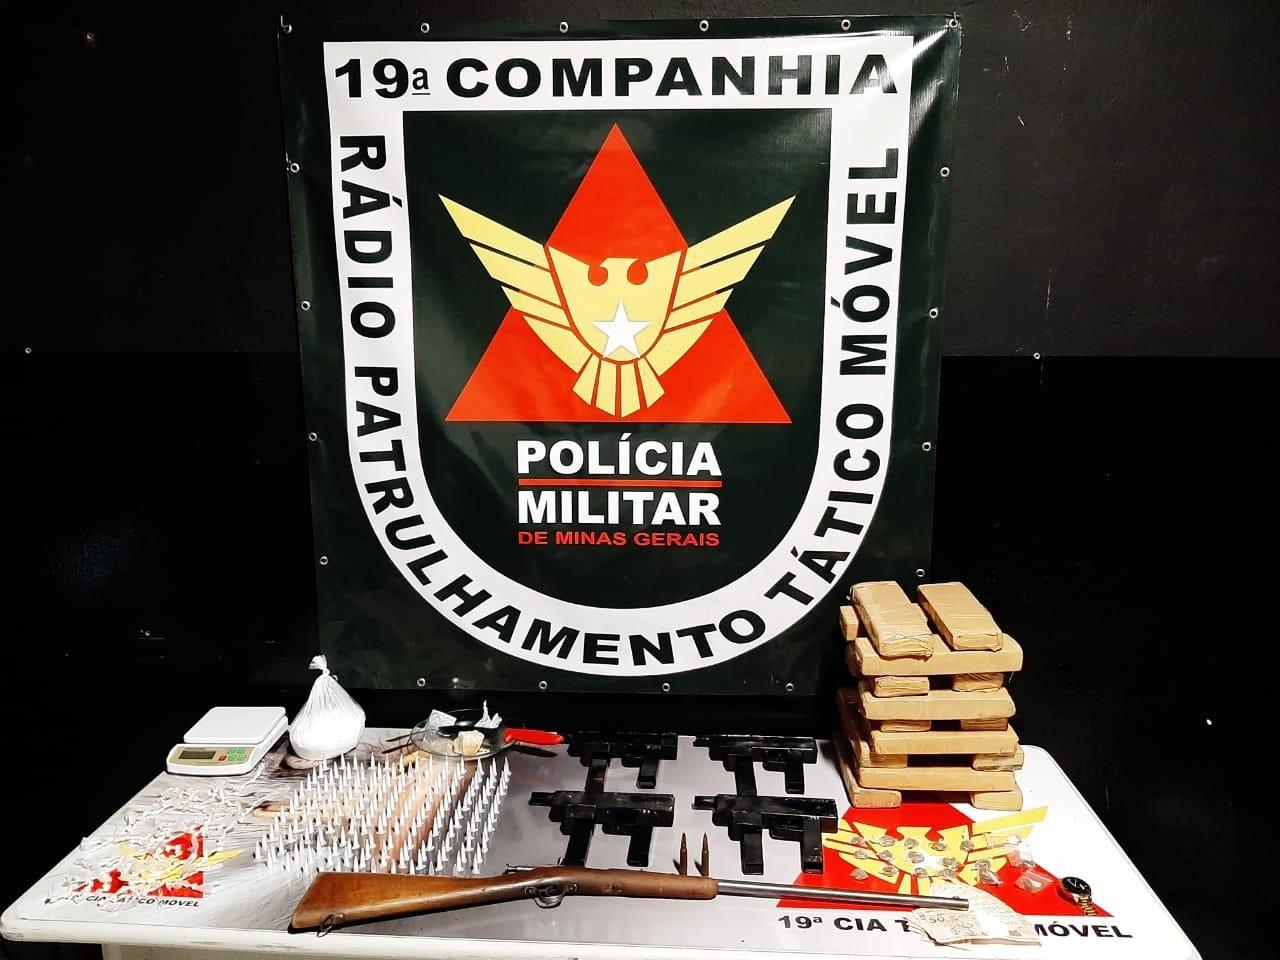 Traficante é preso com armas e drogas no bairro Novo Aarão Reis, na região Norte de BH